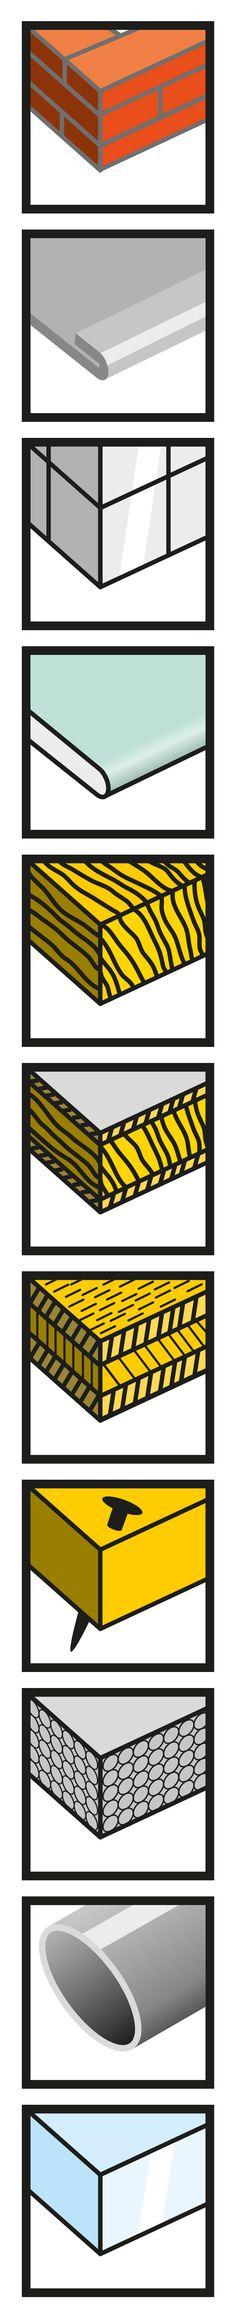 Ontwerp serie materiaal-iconen t.b.v. Kelfort Multizaag verpakkingen.